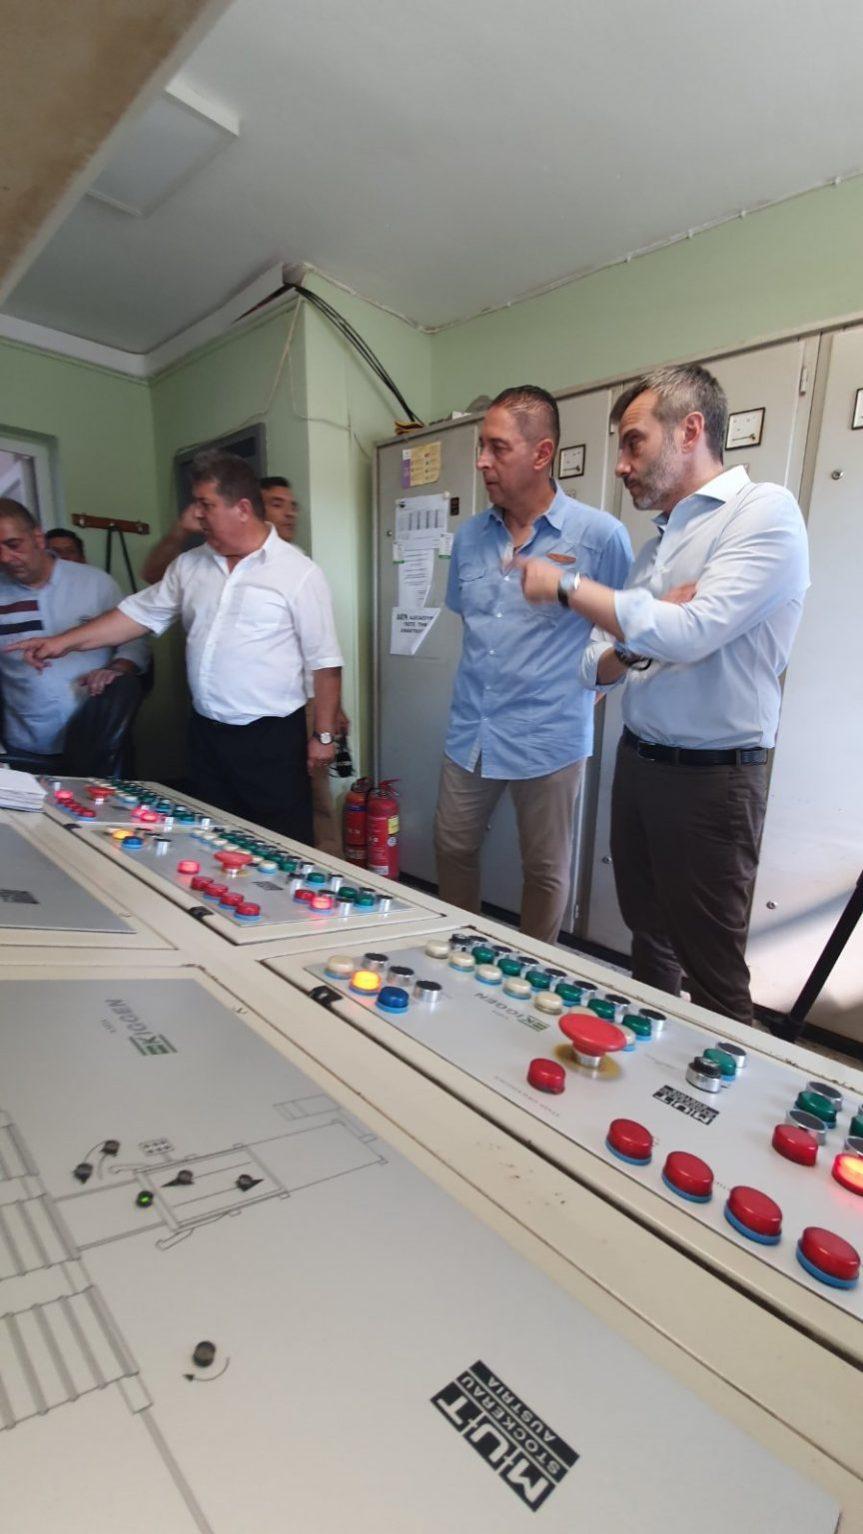 Τον αναβαθμισμένο ΣΜΑ επισκέφθηκε ο Κωνσταντίνος Ζέρβας: «Η καθαριότητα σταμάτησε να αποτελεί το νούμερο 1 πρόβλημα στηνπόλη»